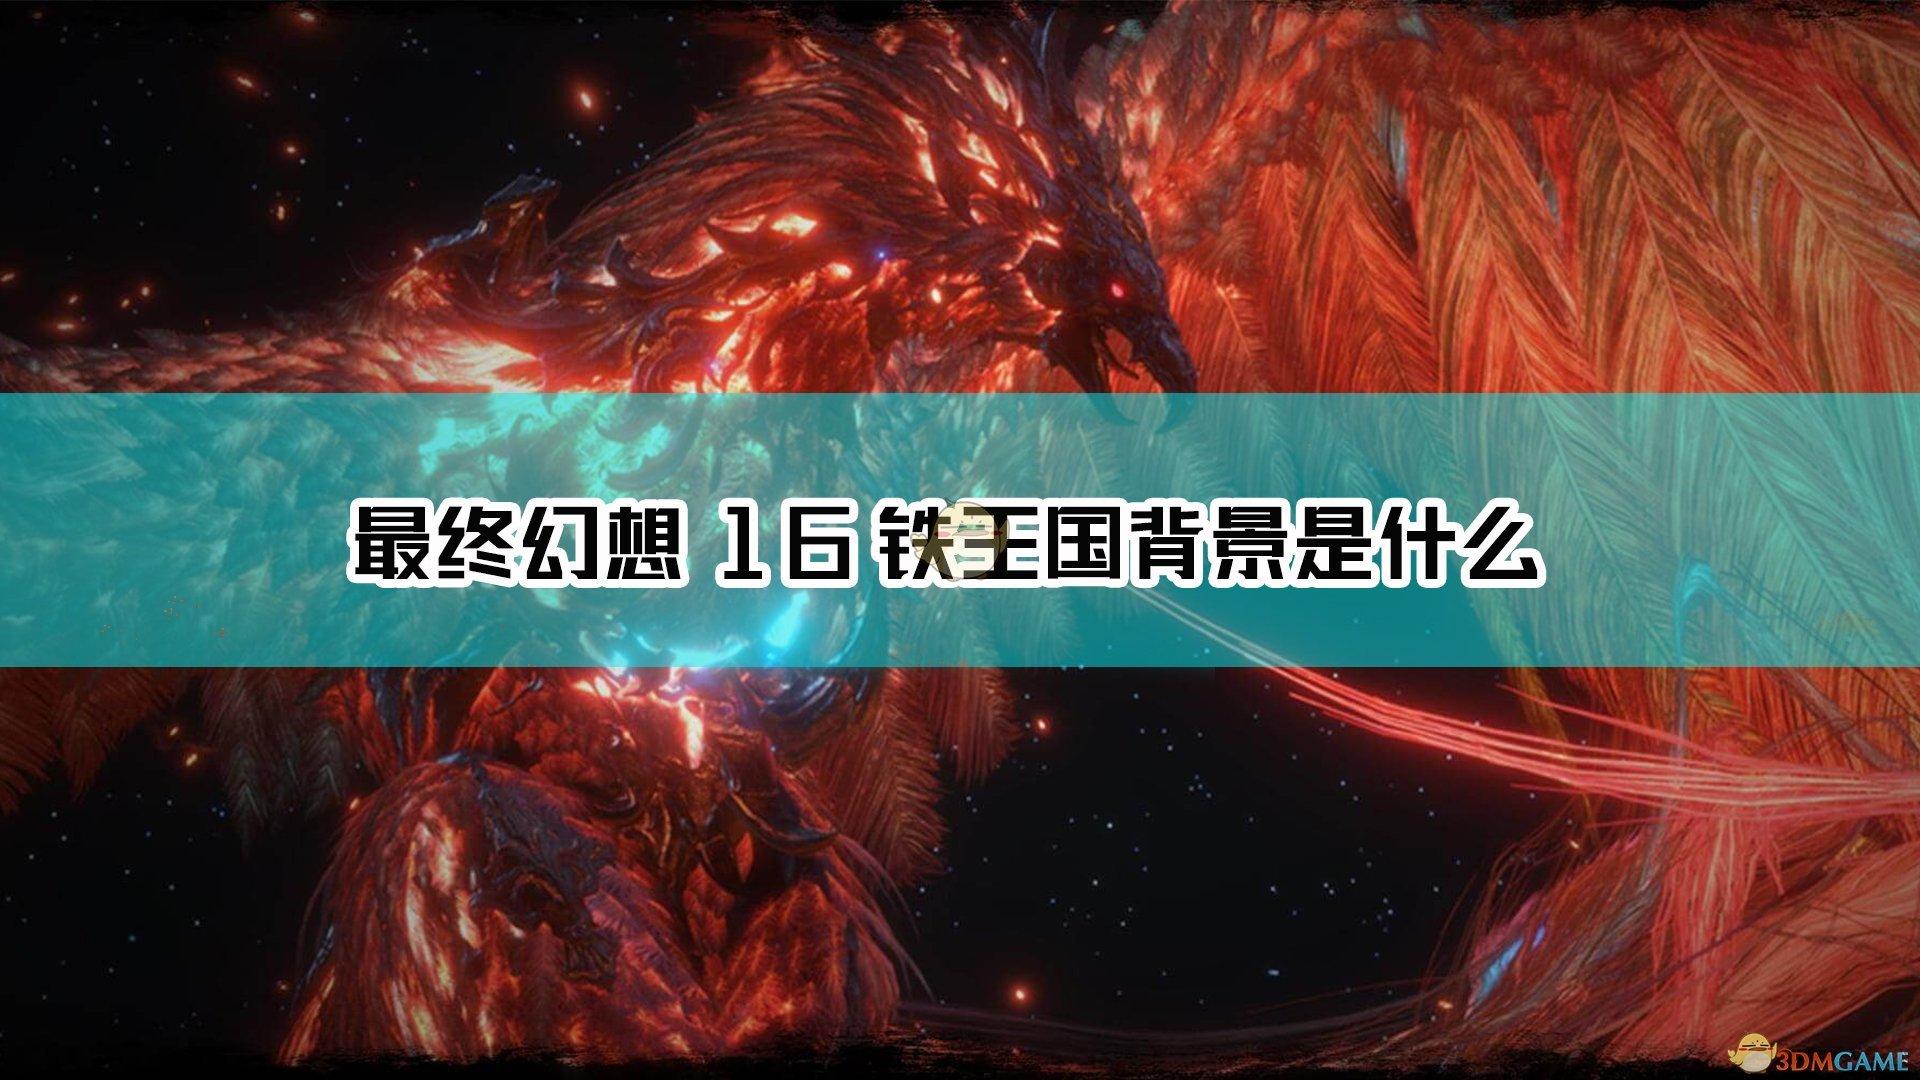 最终幻想16铁王国背景是什么 Ff16铁王国背景设定介绍 小皮单机游戏 最终幻想16 铁王国背景设定介绍 手机小皮网